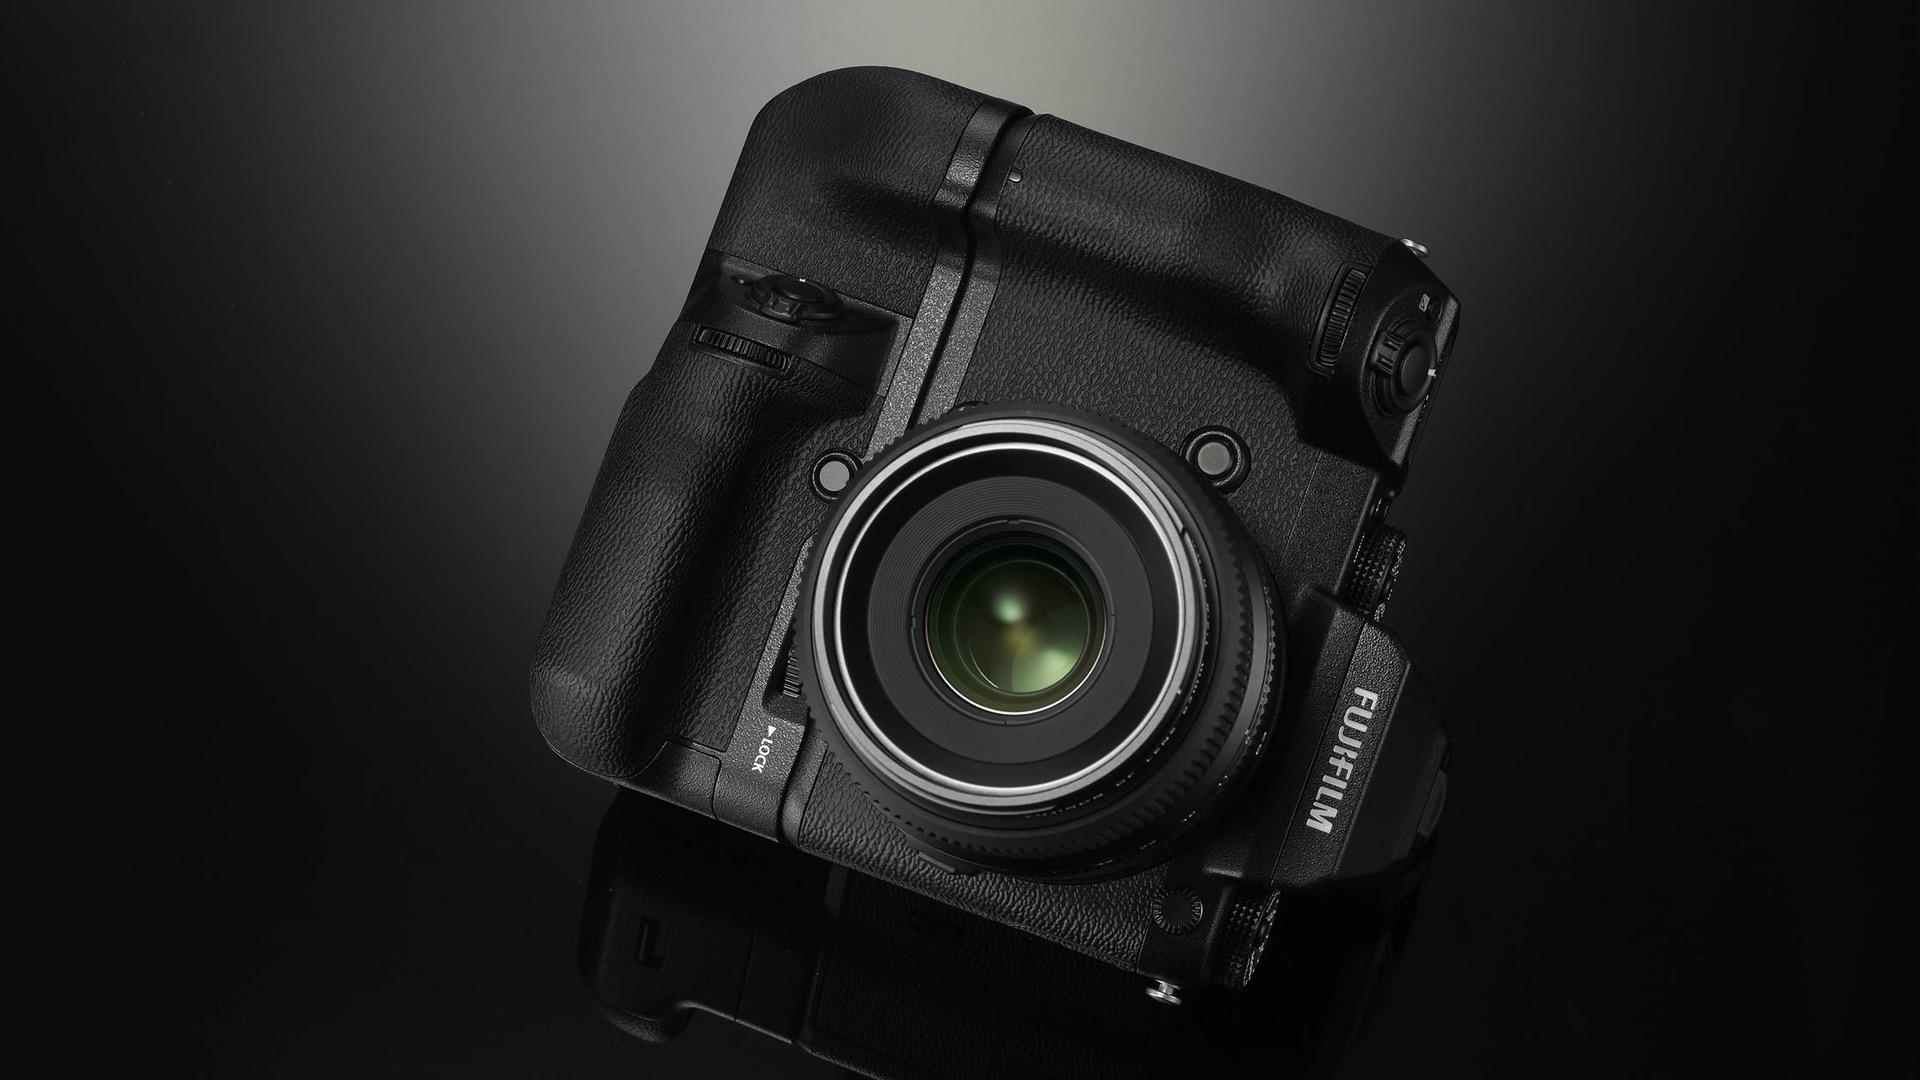 富士フイルムの中判カメラGFX 50Sの詳細が明らかに